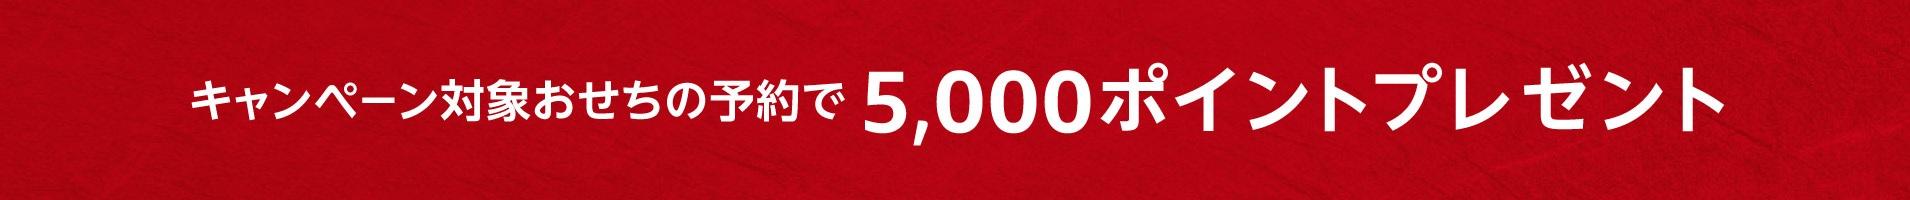 おせち料理特集2021 キャンペーン対象おせちの予約で5,000ポイントプレゼント